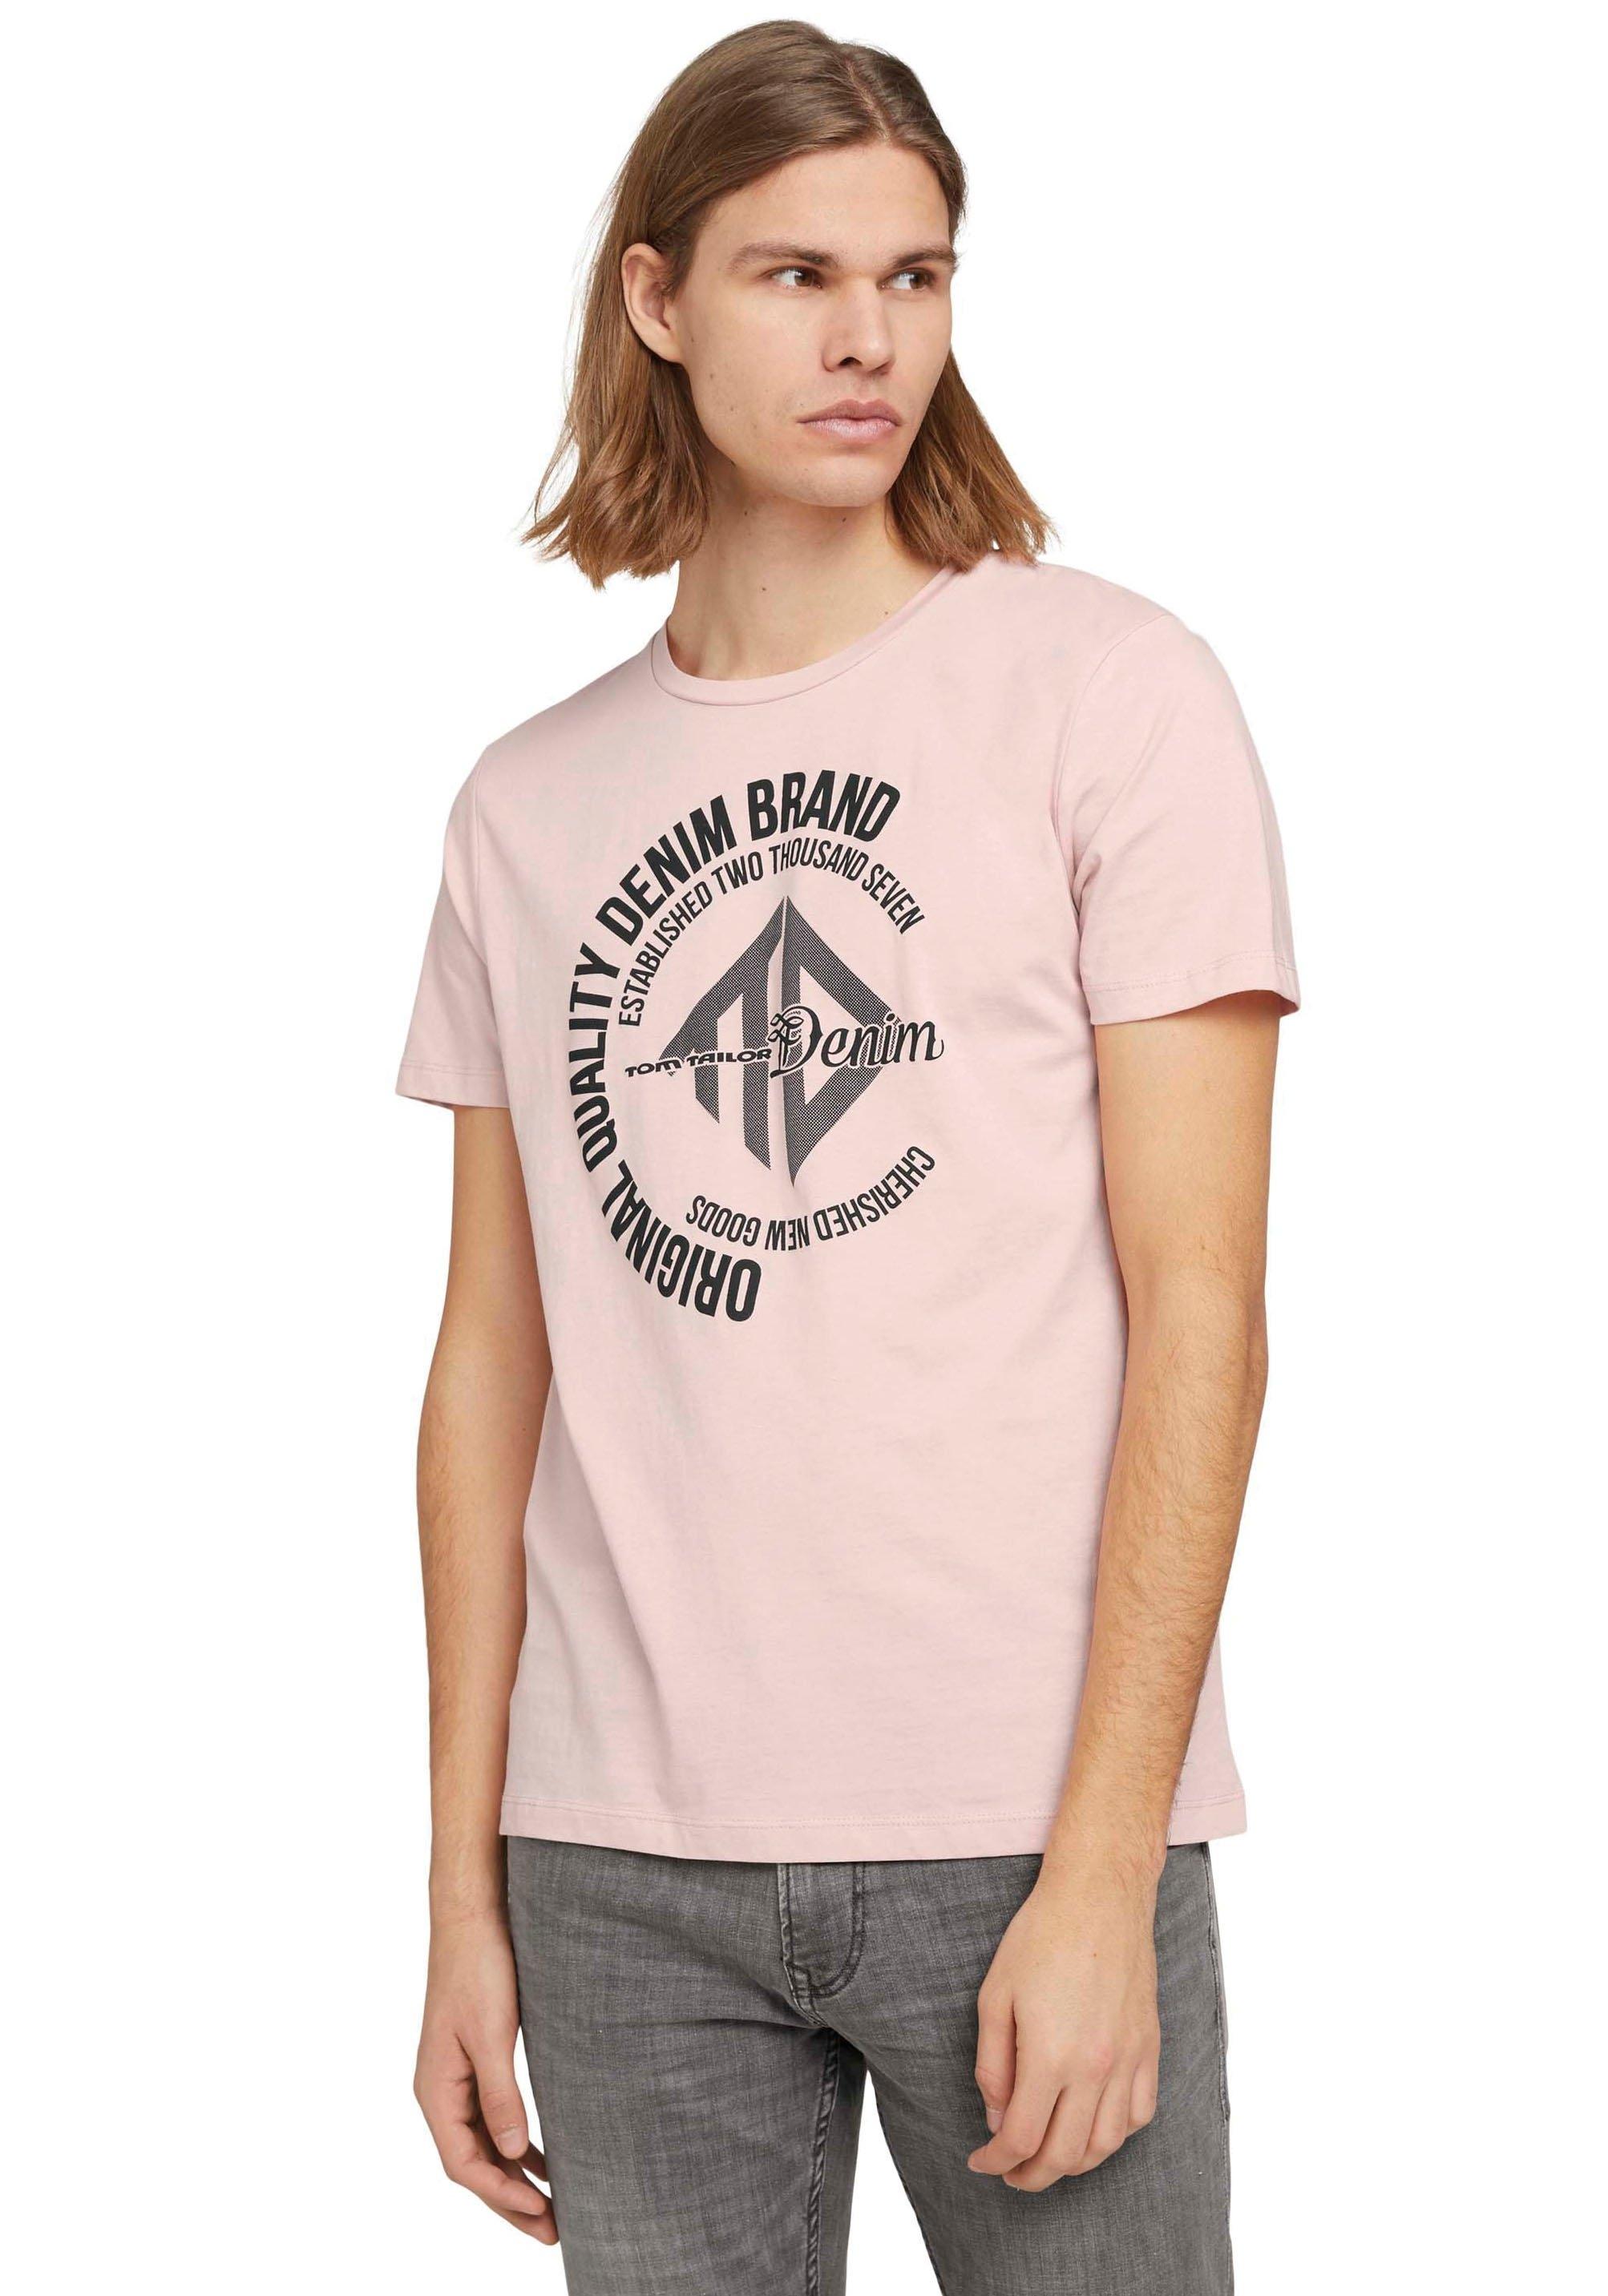 Tom Tailor Denim T-shirt met logo-frontprint - gratis ruilen op otto.nl